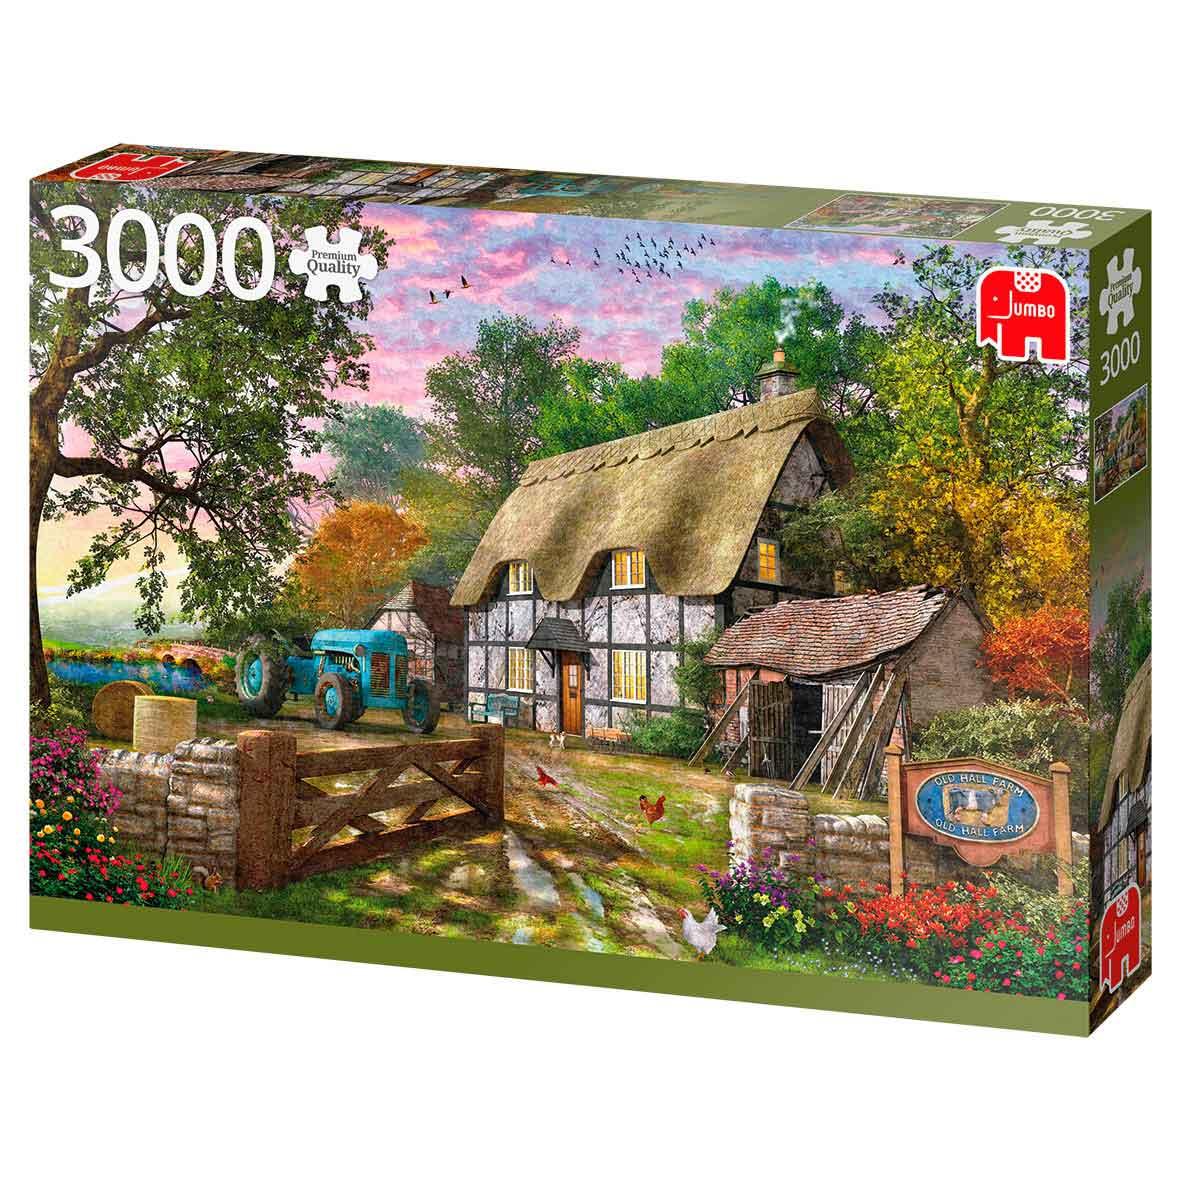 Puzzle Jumbo La Cabaña del Granjero de 3000 Piezas